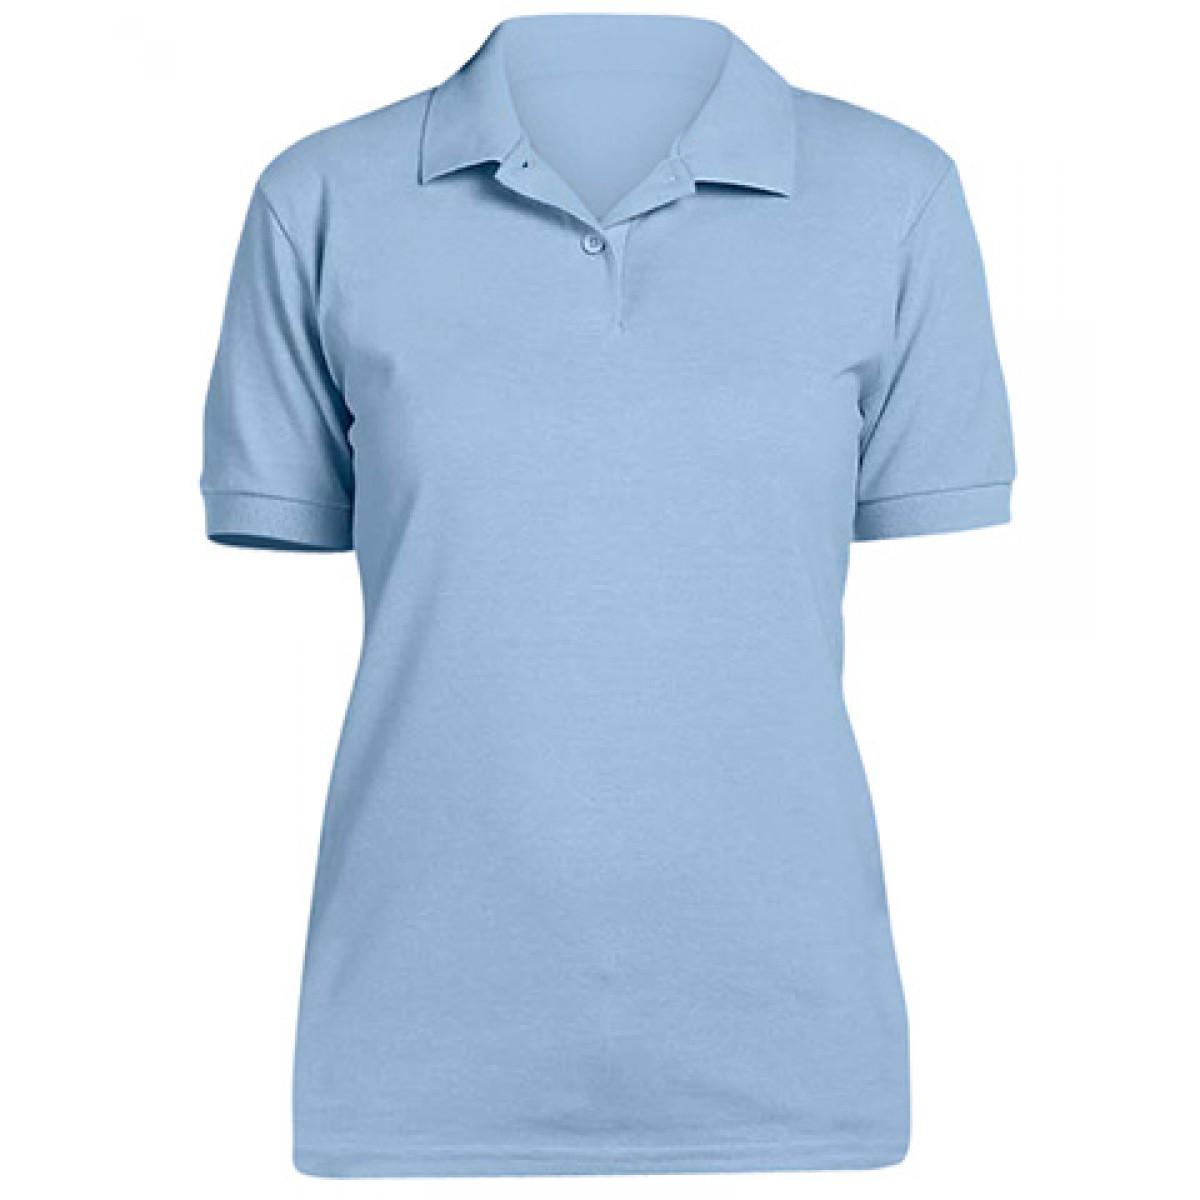 Ladies' 6.5 oz. Piqué Sport Shirt-Blue-S